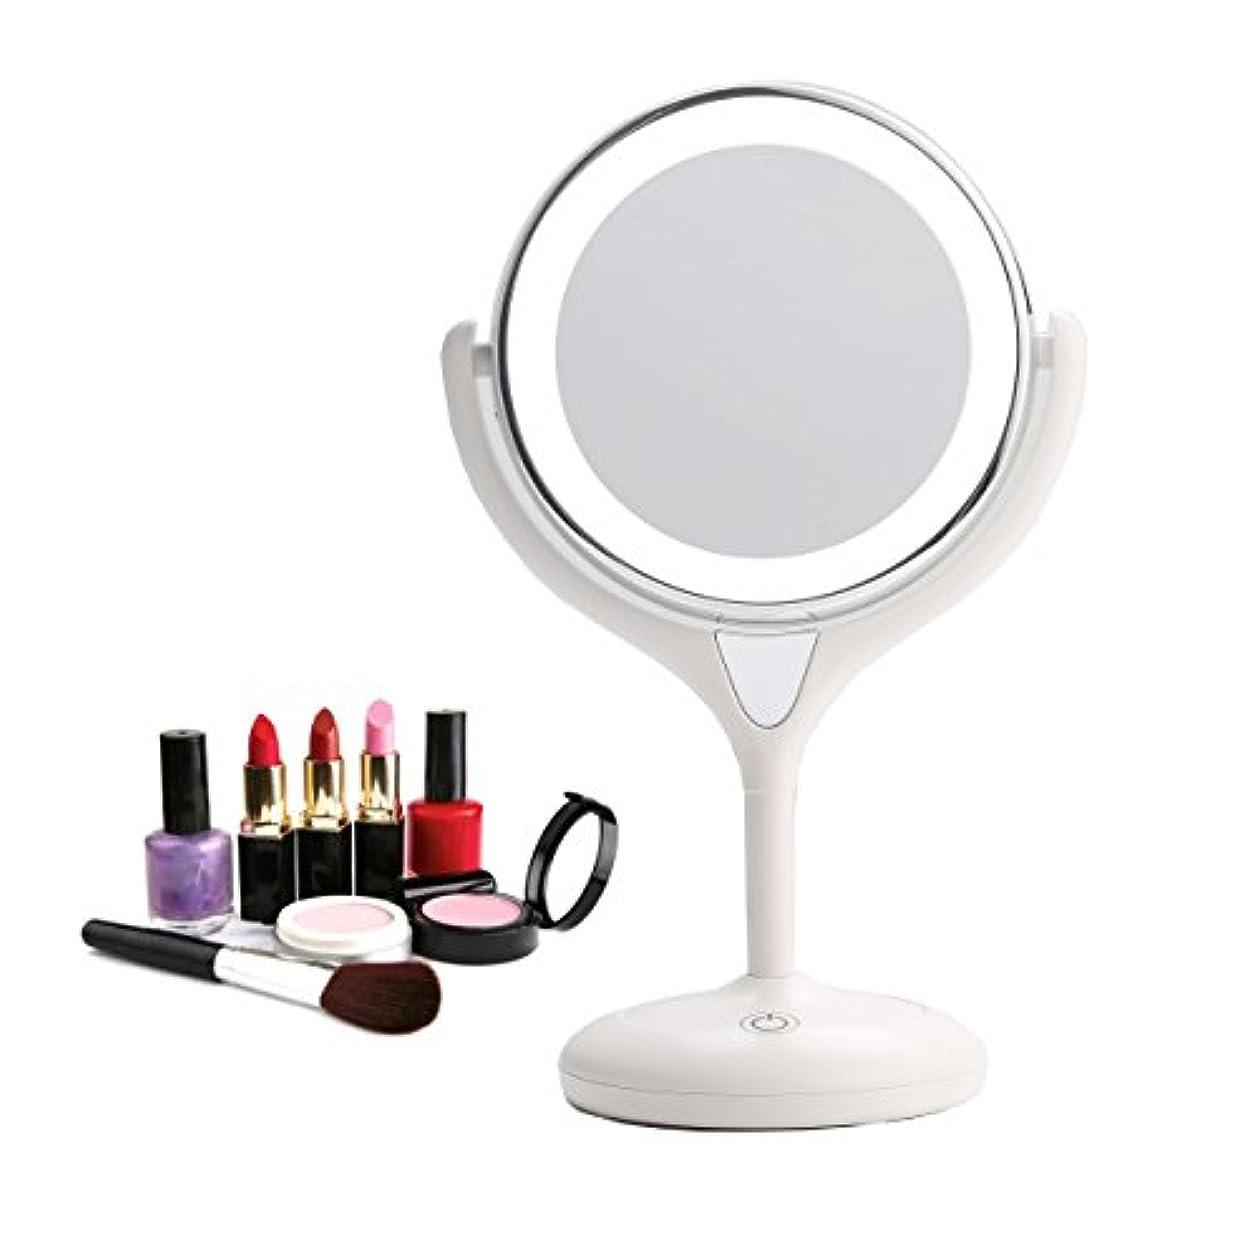 移植ご意見に変わるBestaid-スタンドミラー シンプルデザイン 真実の両面鏡DX 10倍拡大鏡 360度回転 卓上鏡 メイク 化粧道具 14 * 11.5 * 28.5cm